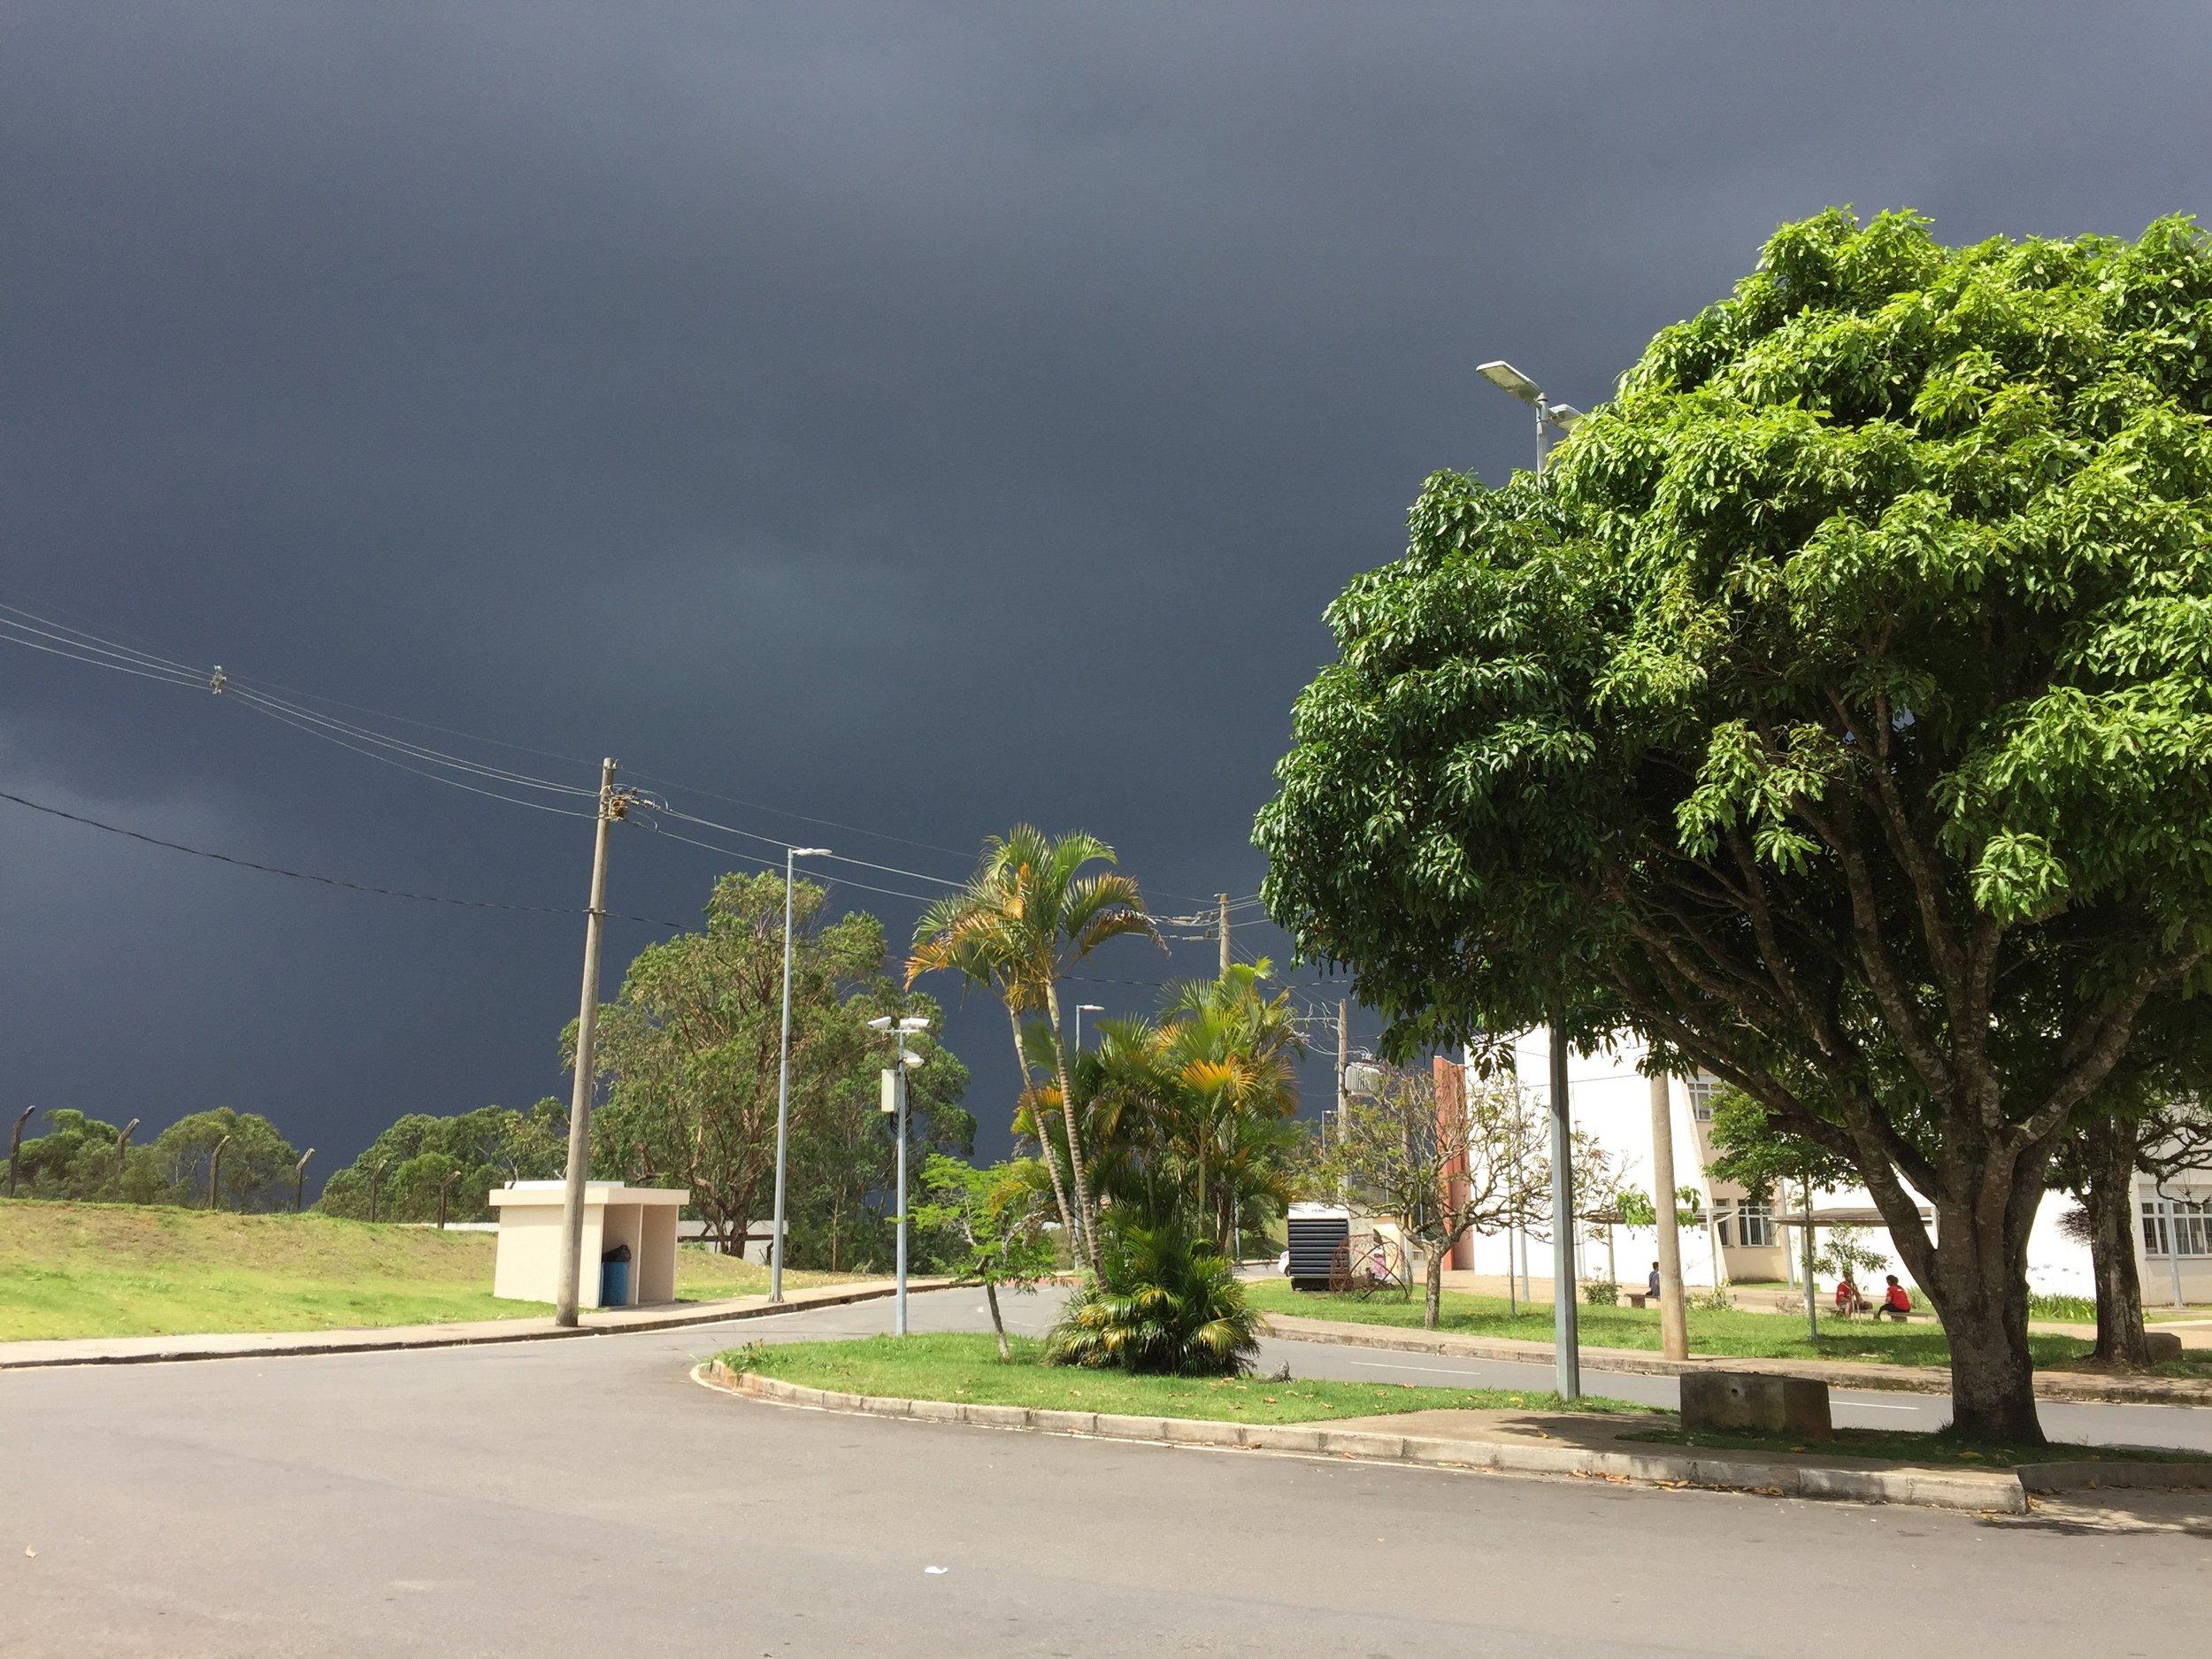 Her har vi dagens eksempel på dette interessante været som vi stadig opplever for tiden. Solskinn på treet og bakken foran oss, med en anelse mørke skyer i bakgrunnen.